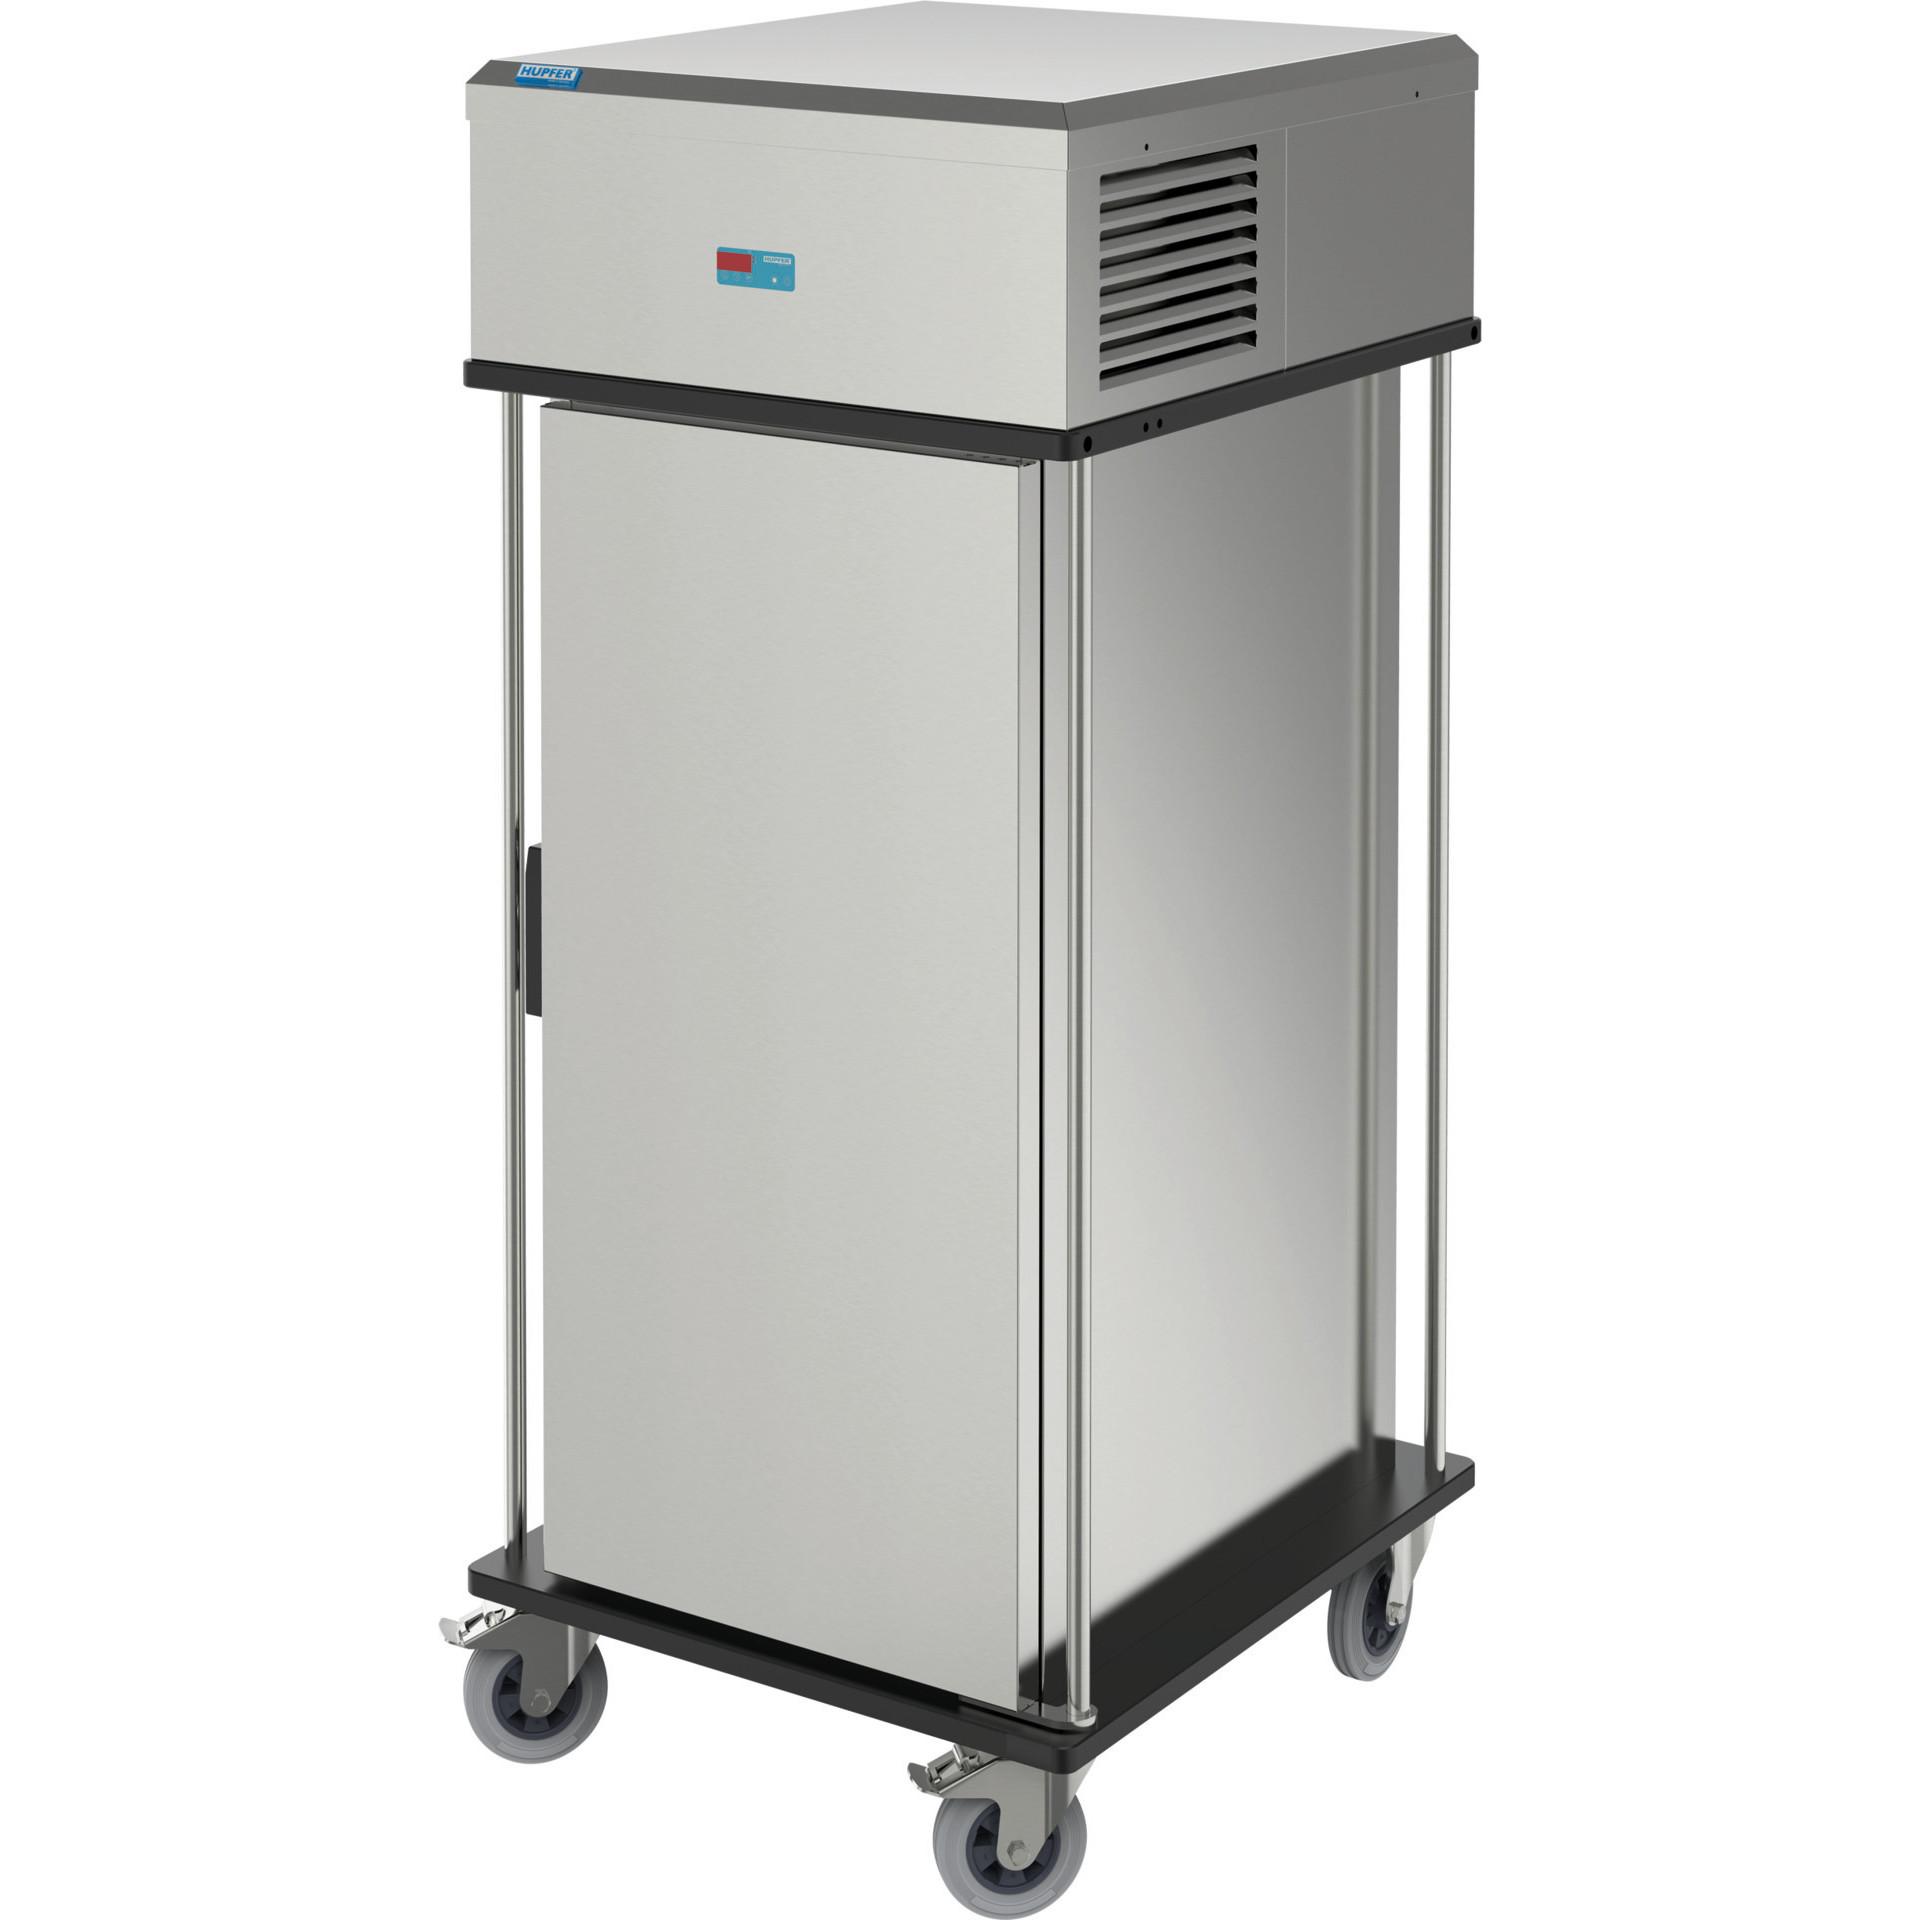 Köhler Bankettwagen Umluft gekühlt für 40 x GN 1/1 Edelstahl